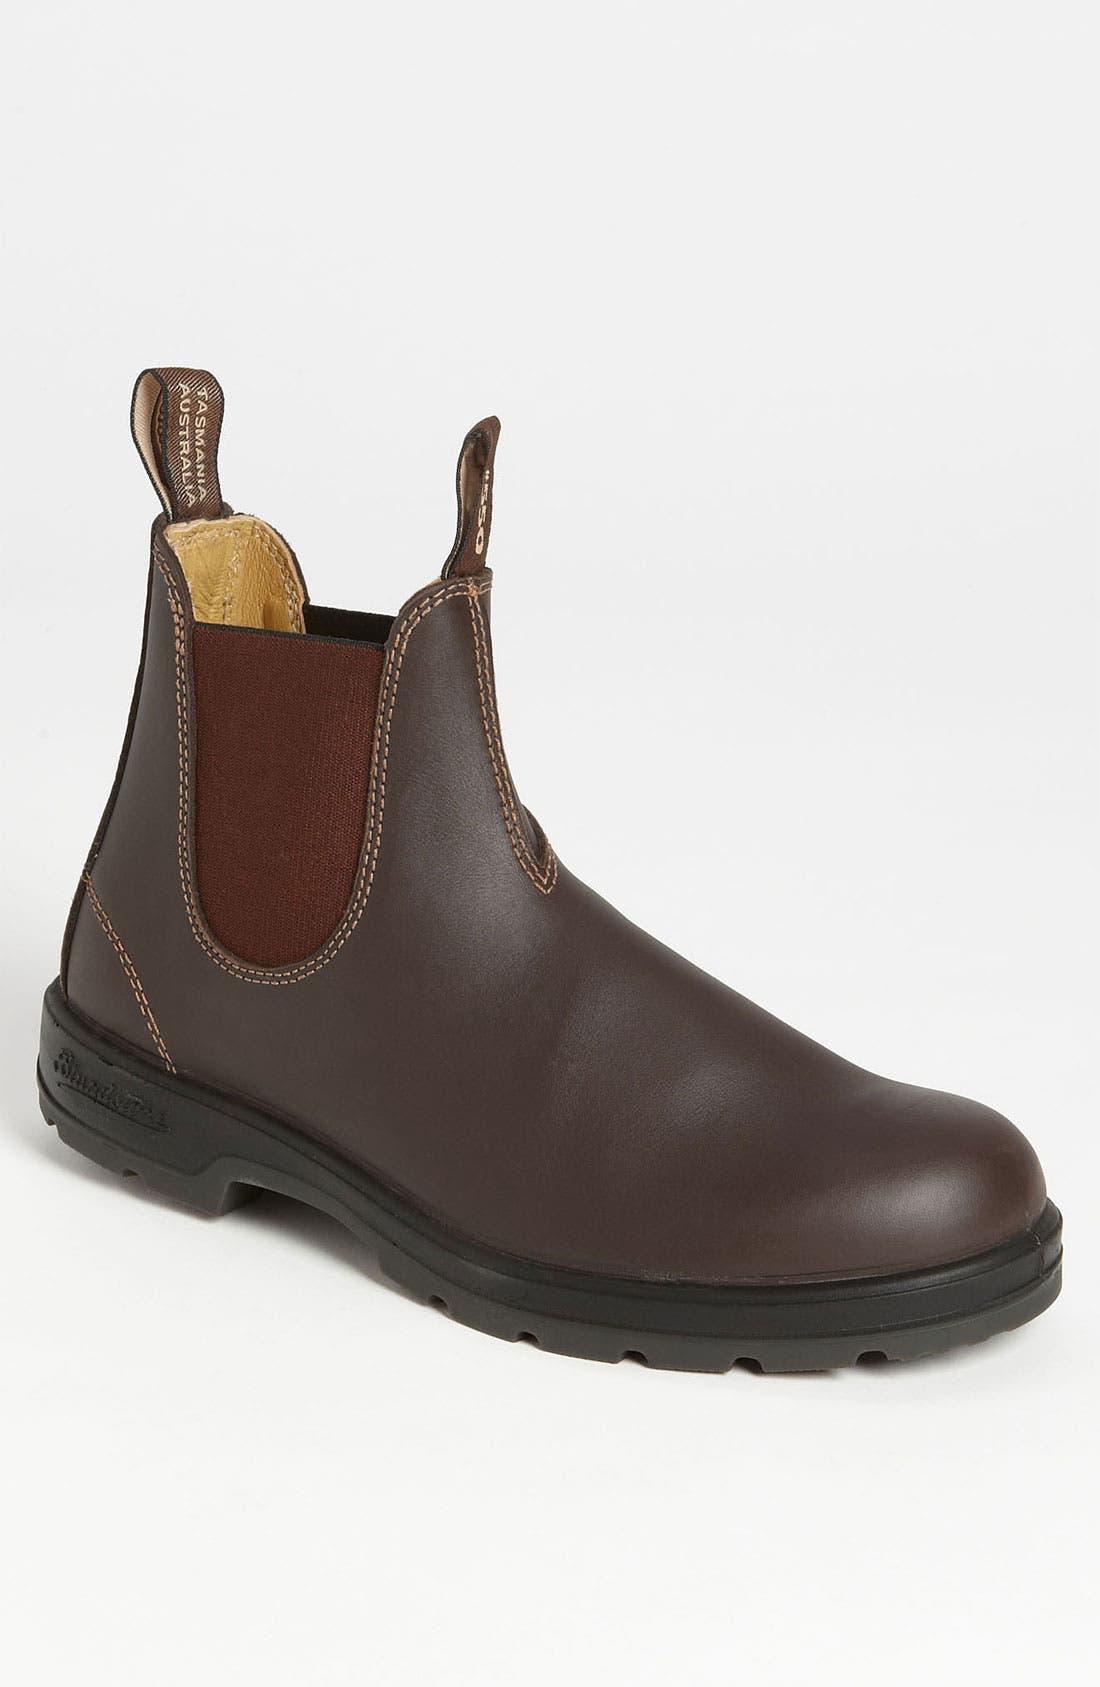 Alternate Image 1 Selected - Blundstone Footwear Chelsea Boot